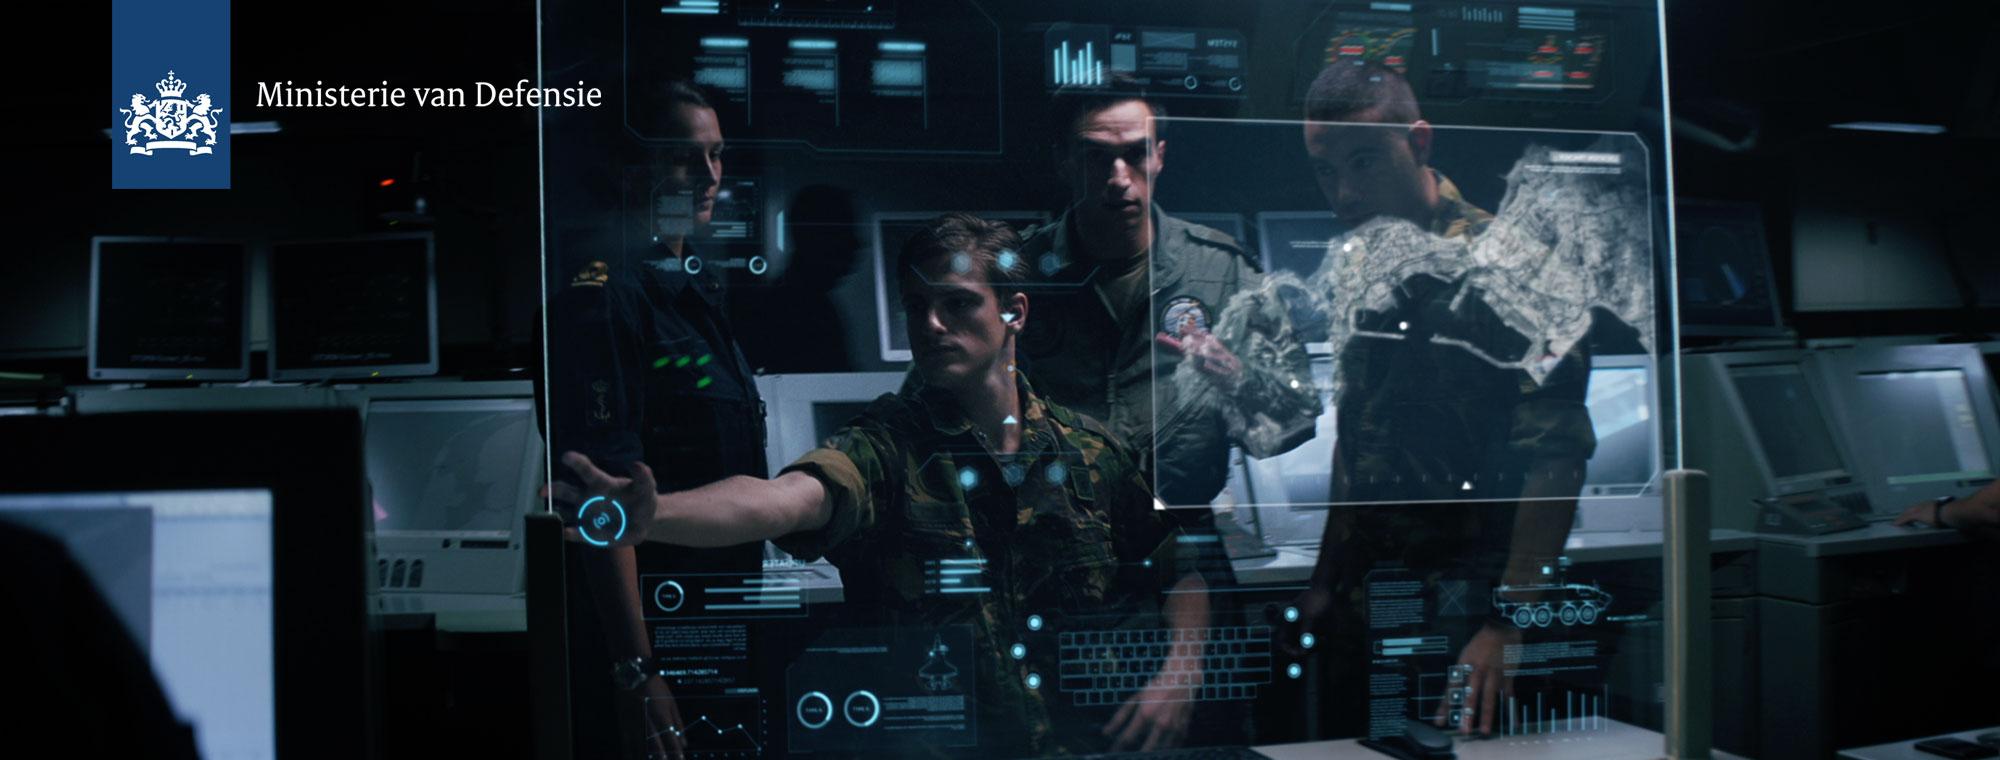 Ministerie van Defensie – Techniek